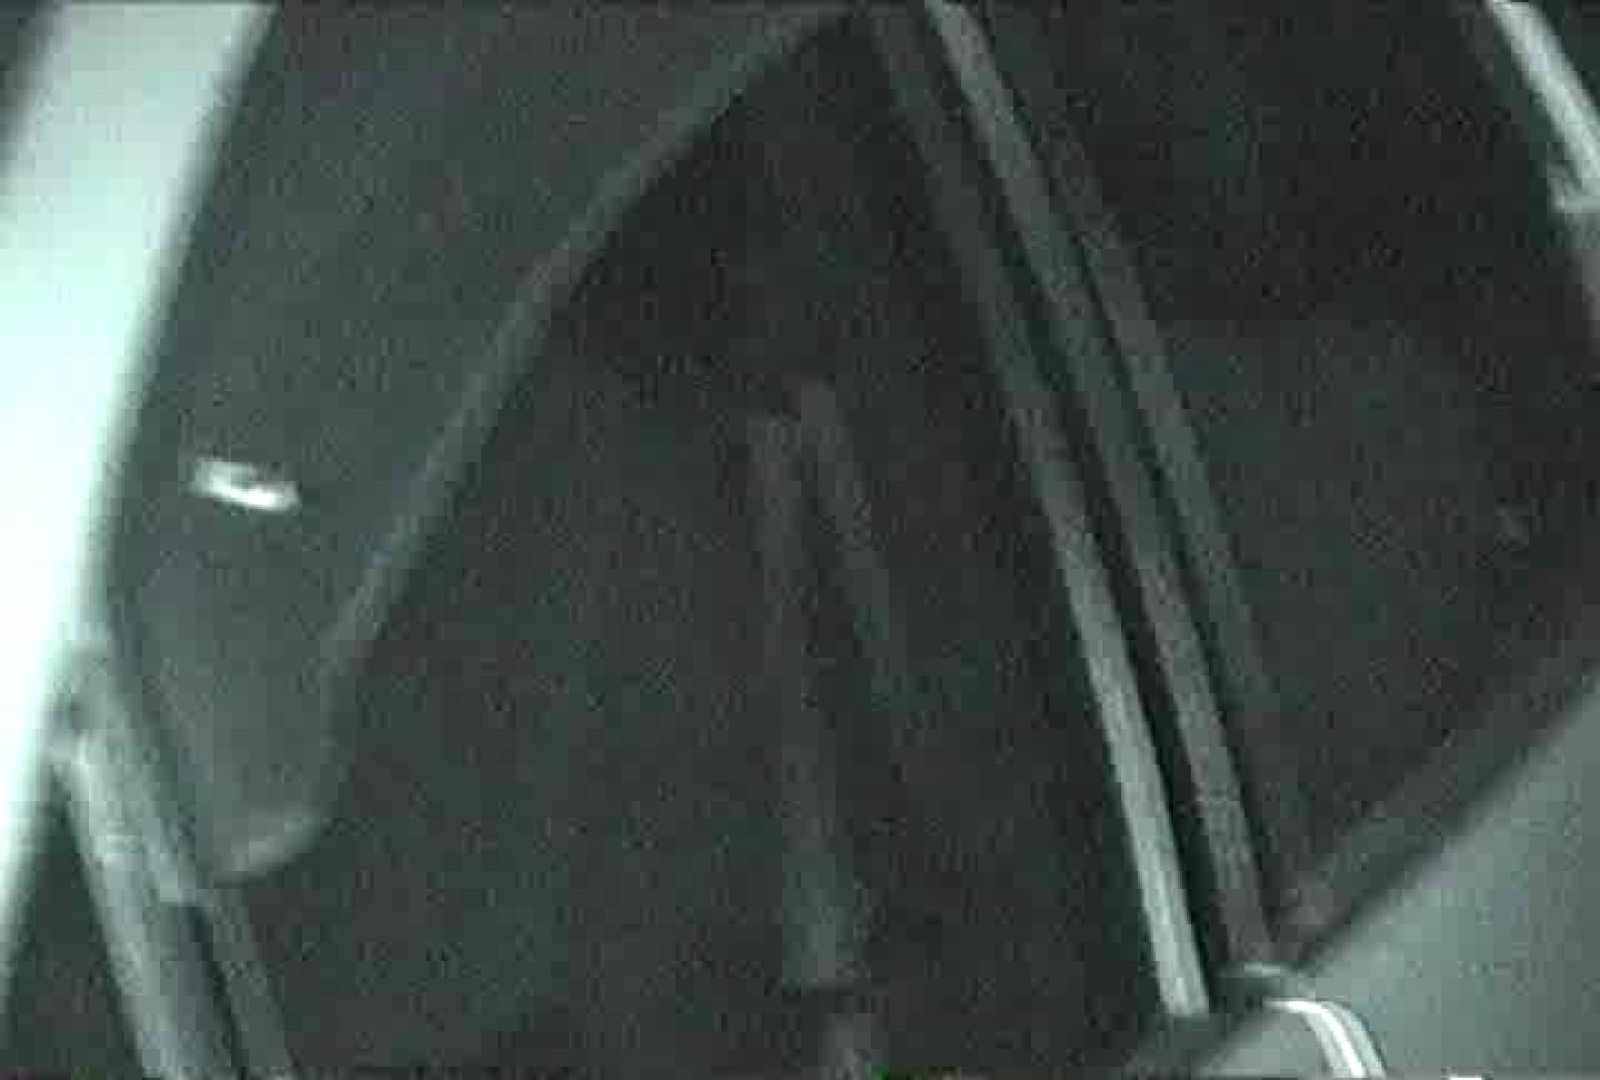 充血監督の深夜の運動会Vol.87 無修正マンコ | OLエロ画像  84PICs 55